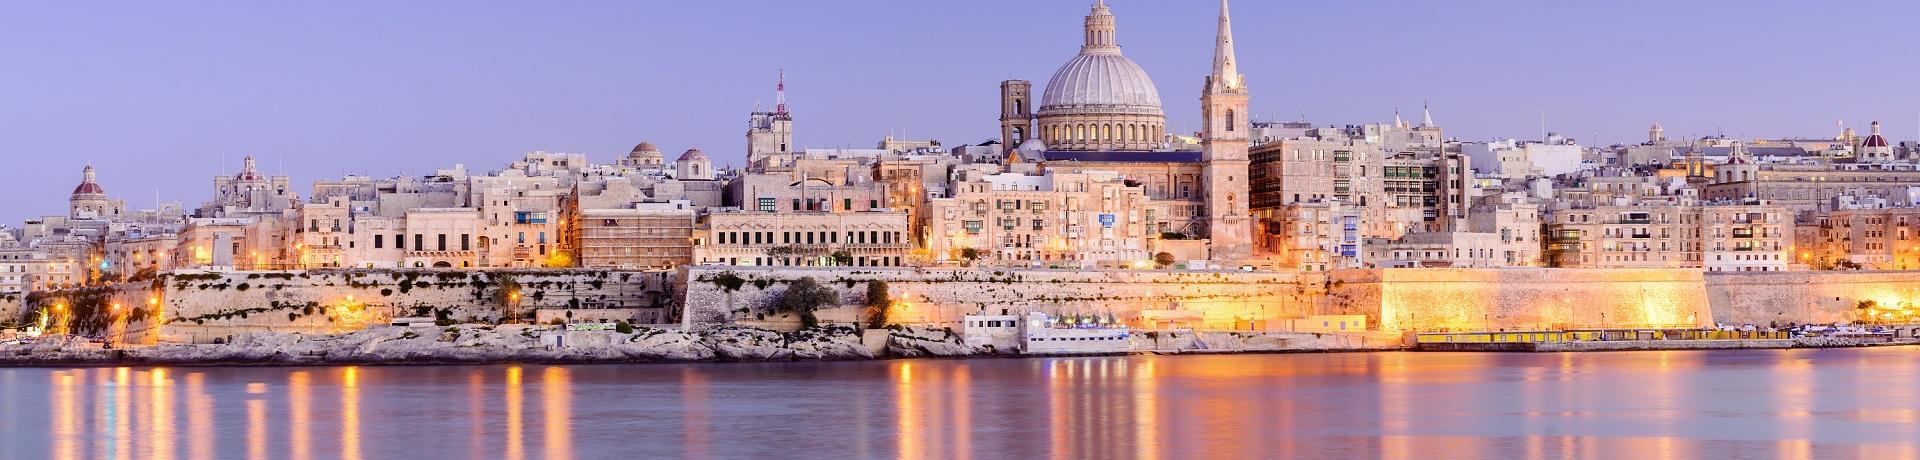 Malta: Valletta - Emotion